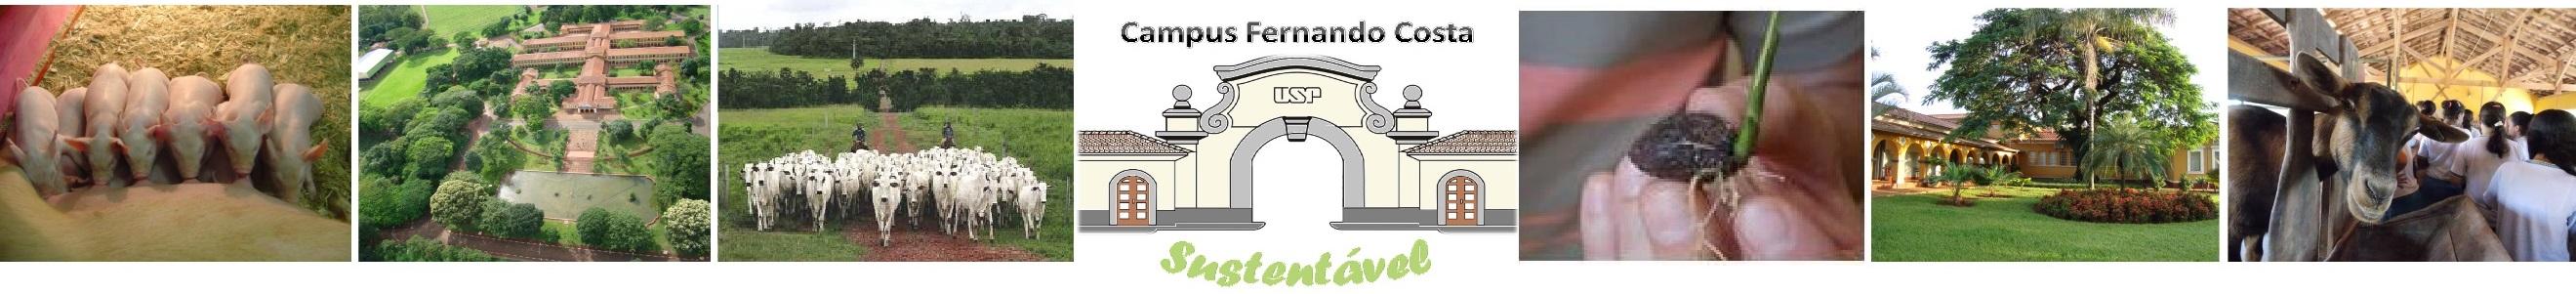 """Campus Fernando Costa """"Sustentável"""""""